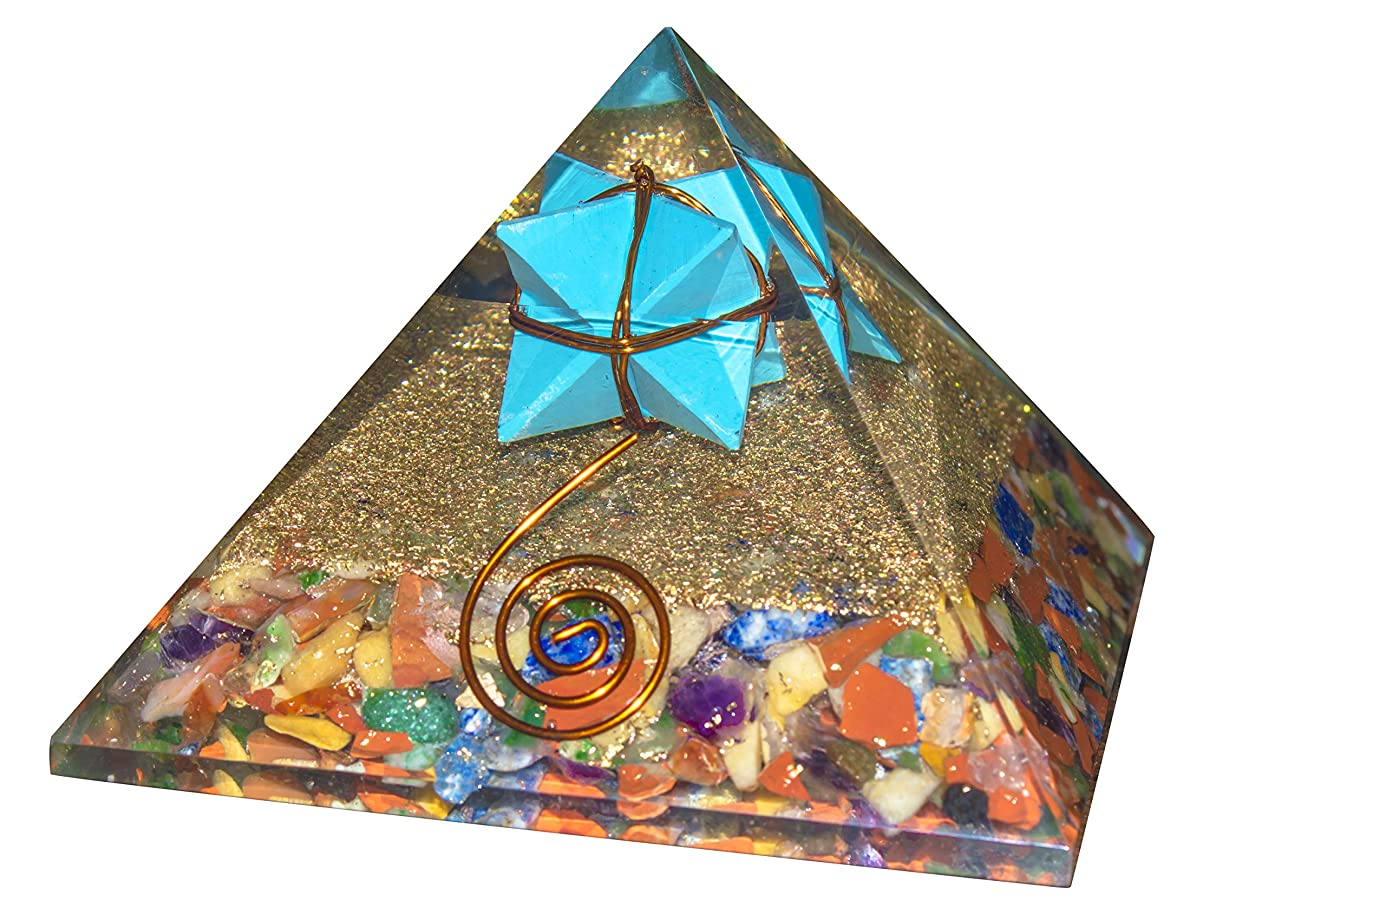 狂気曲げるシンジケートcrocon Mix Chakra Gemstone Orgone Pyramid withターコイズMerkabaエネルギージェネレータのオーラクレンジング、レイキHealing、チャクラバランシングsize- 3?–?3.5?inch